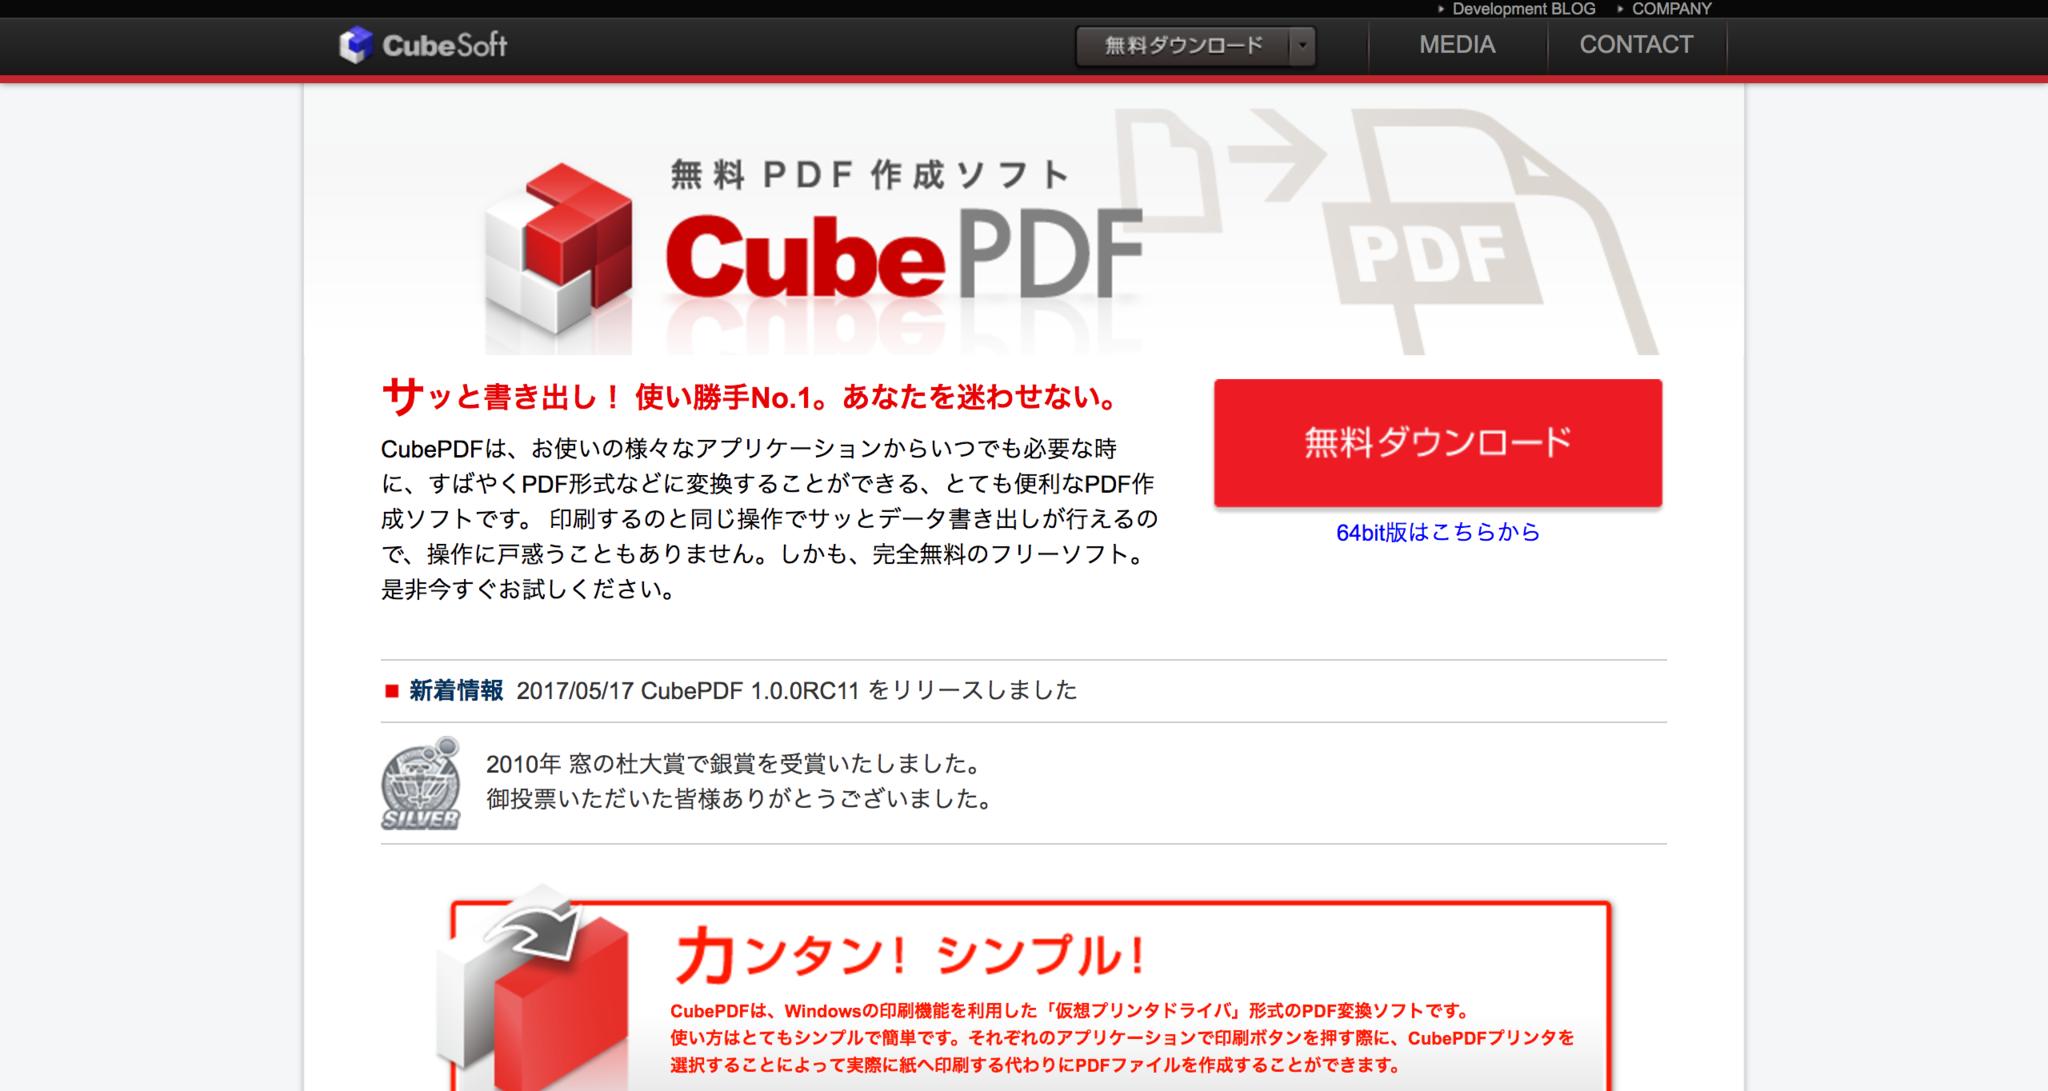 無料PDF作成・変換フリーソフト_CubePDF___CubeSoft.png